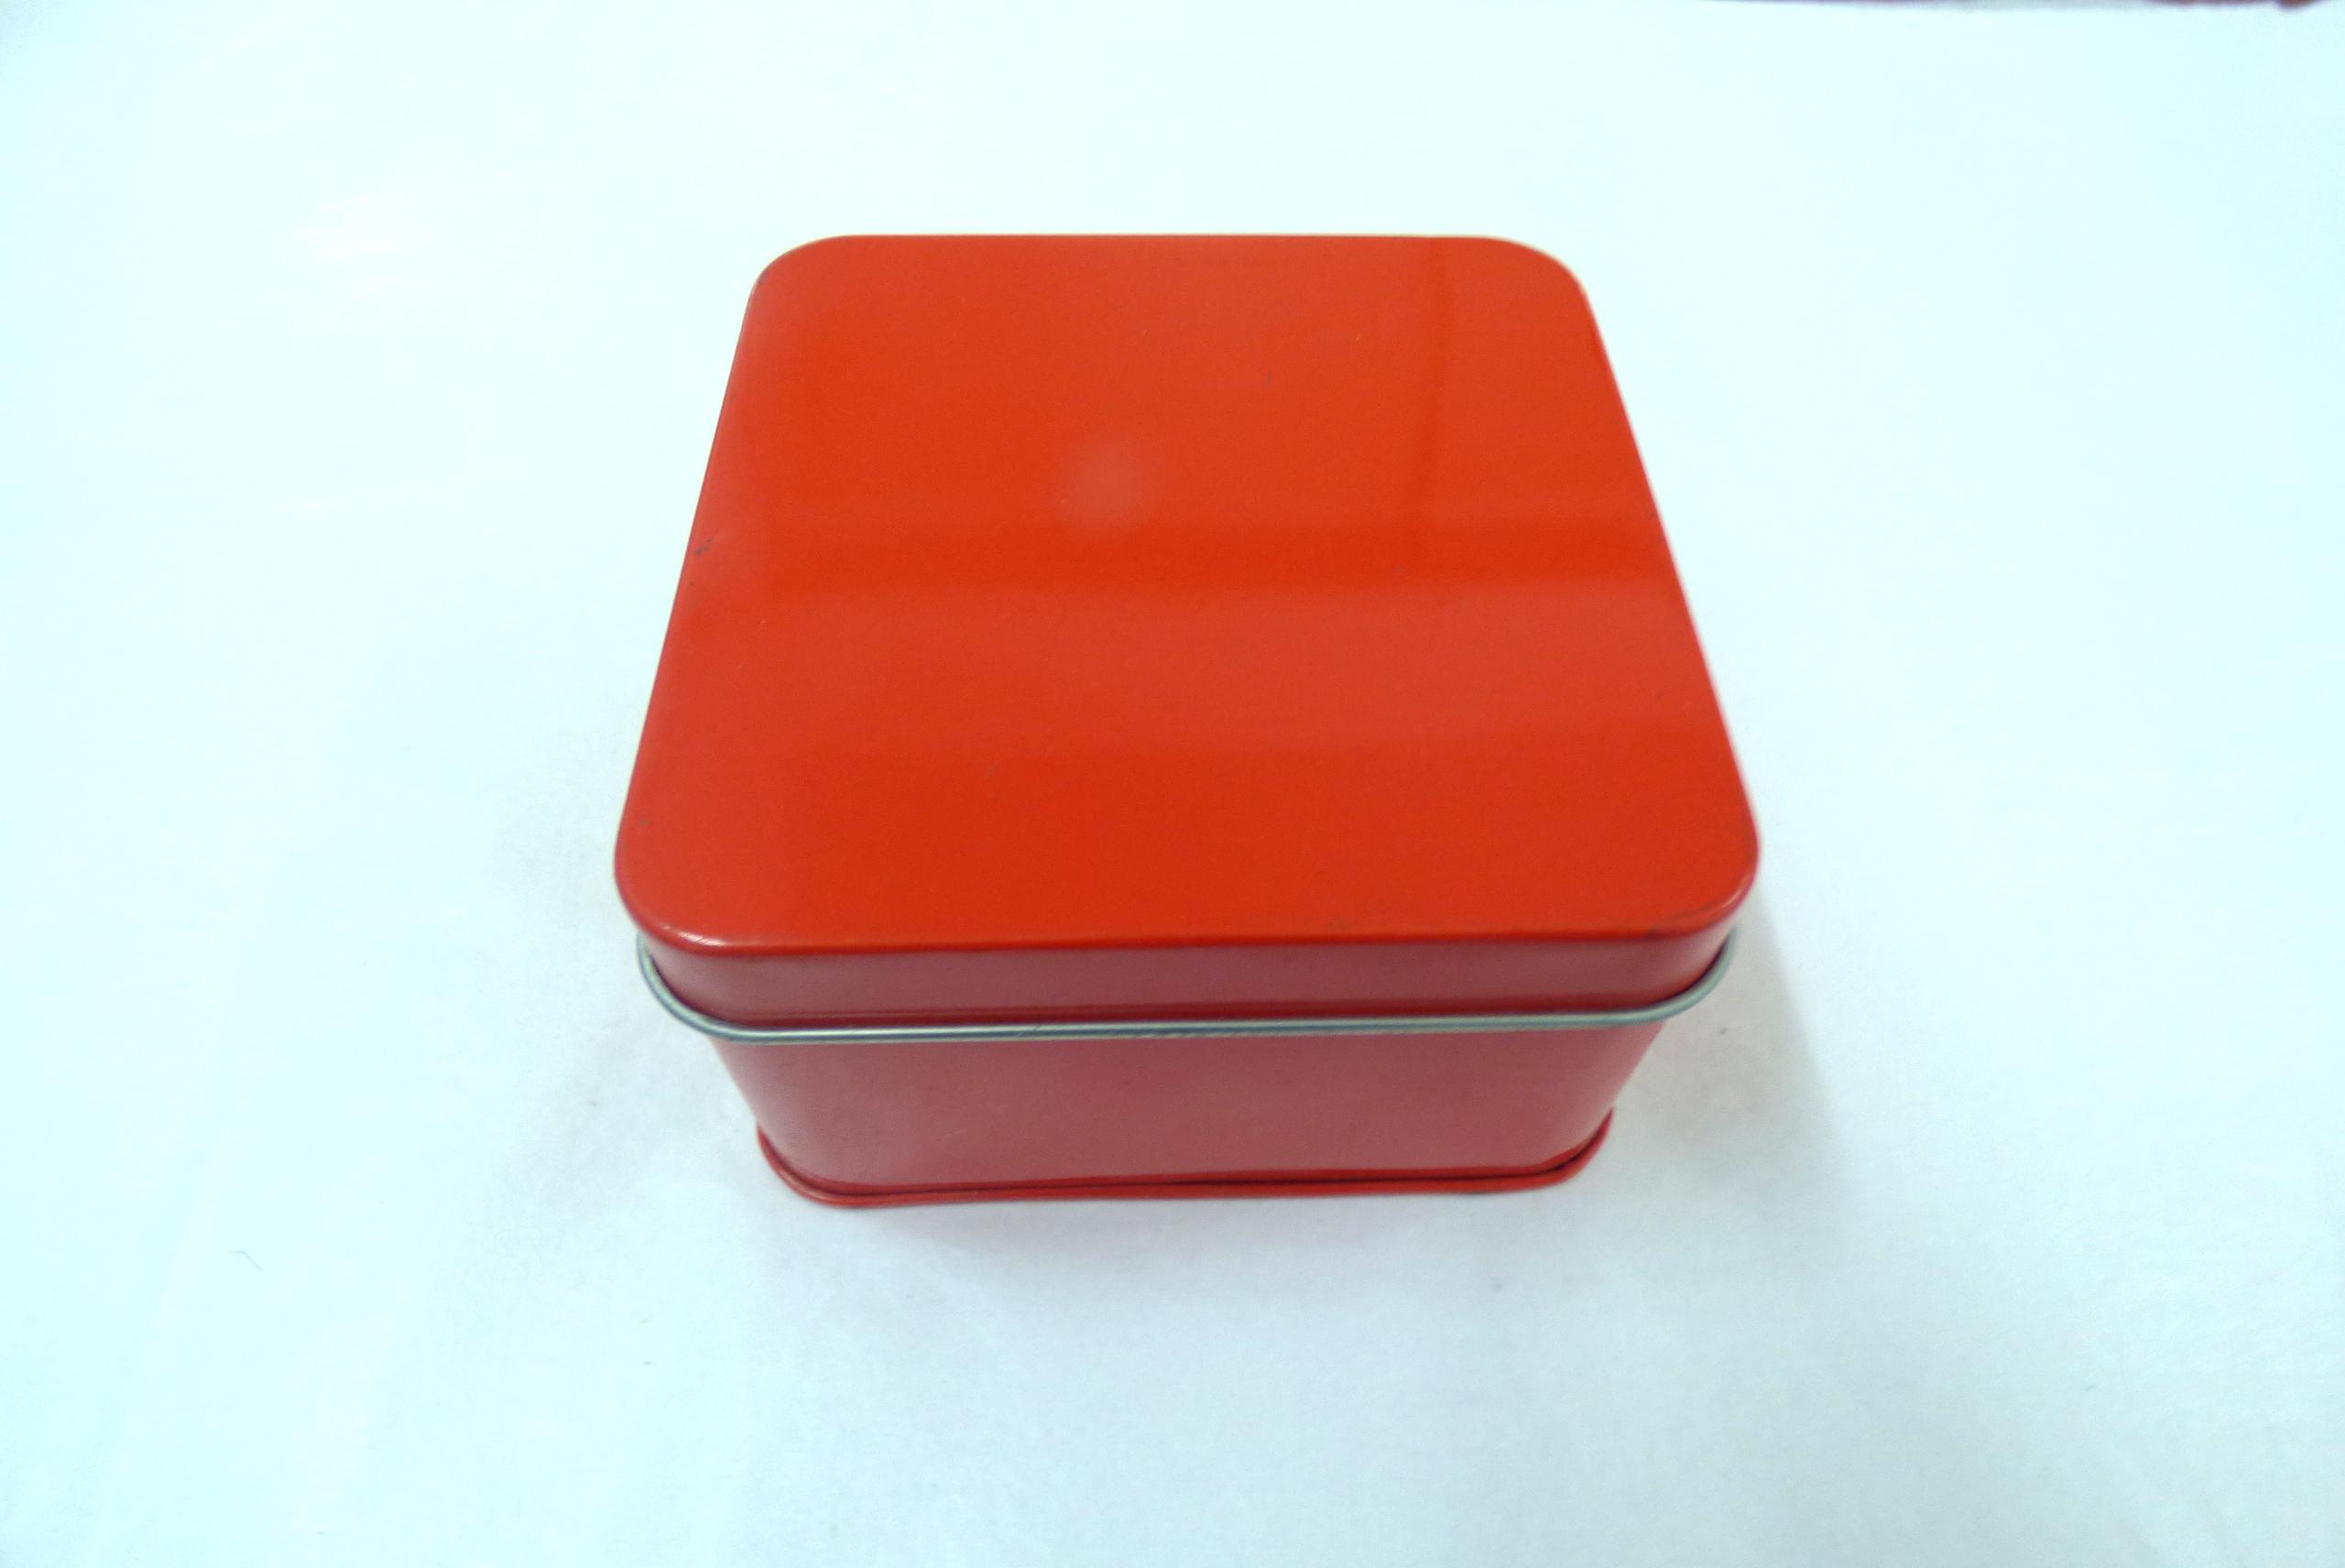 摩配凸轮(方罐)铁盒罐马口铁盒马口铁罐-乐达嘉五金罐业金属包装 惠州乐达嘉铁盒  铁盒